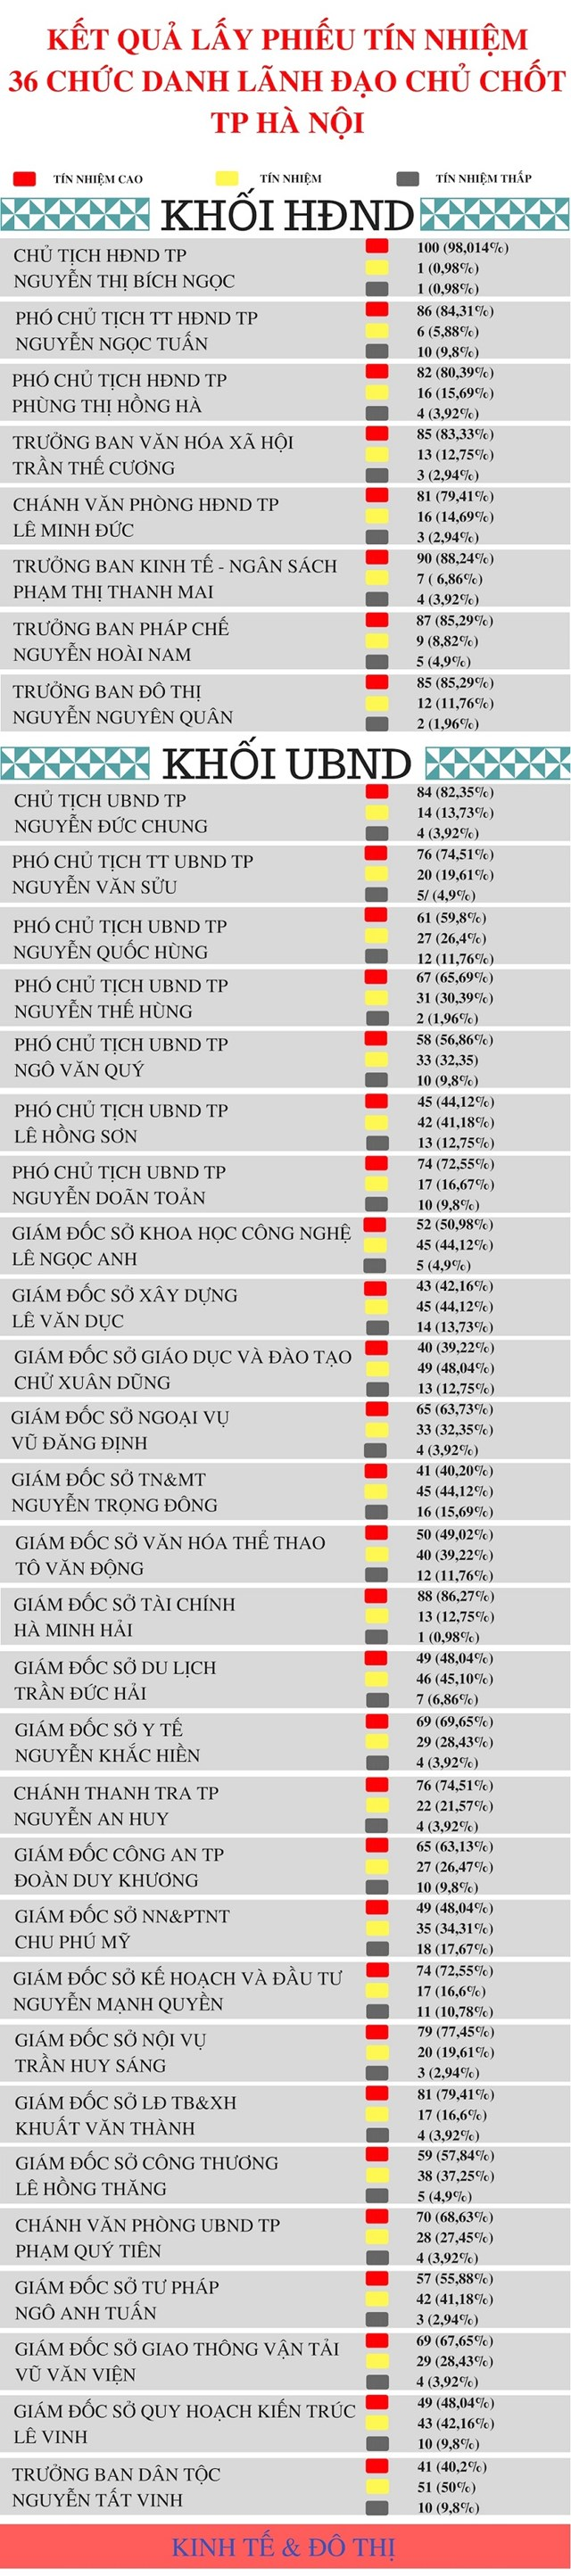 Chủ tịch Hà Nội chỉ nhận 4 phiếu tín nhiệm thấp - 1